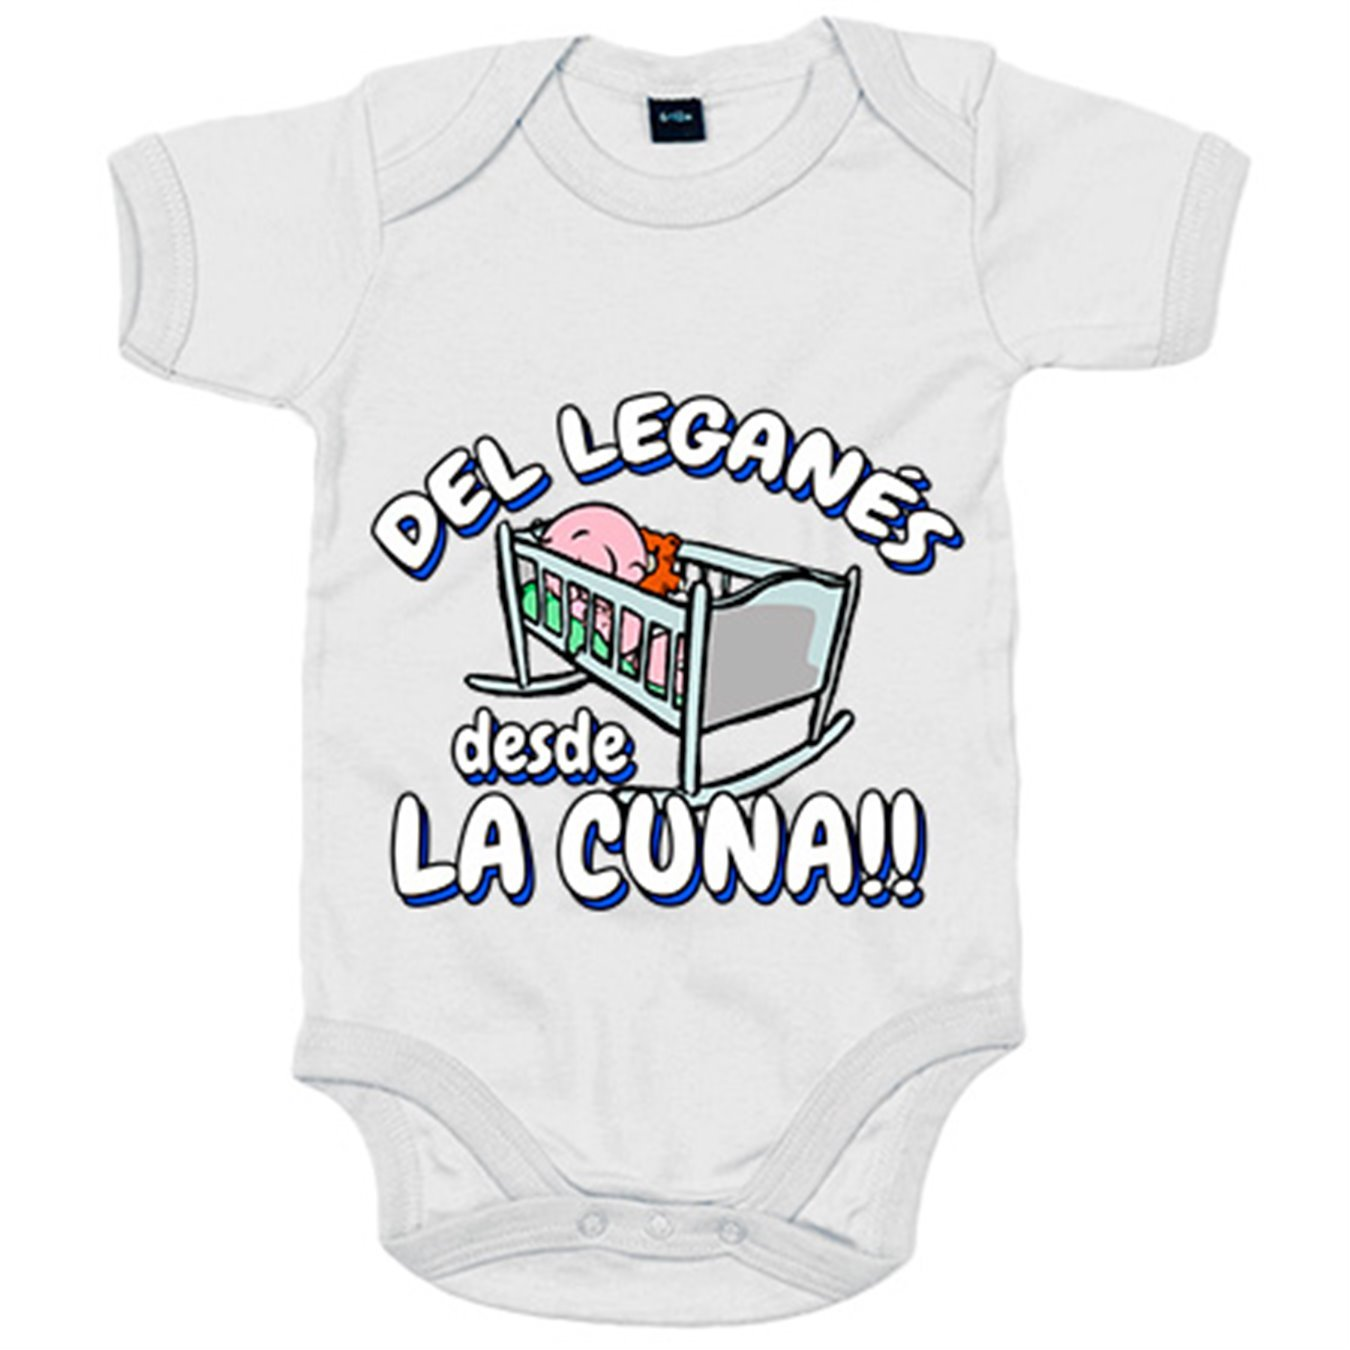 Body bebé del Leganés desde la cuna fútbol - Azul Royal, 6-12 meses: Amazon.es: Bebé